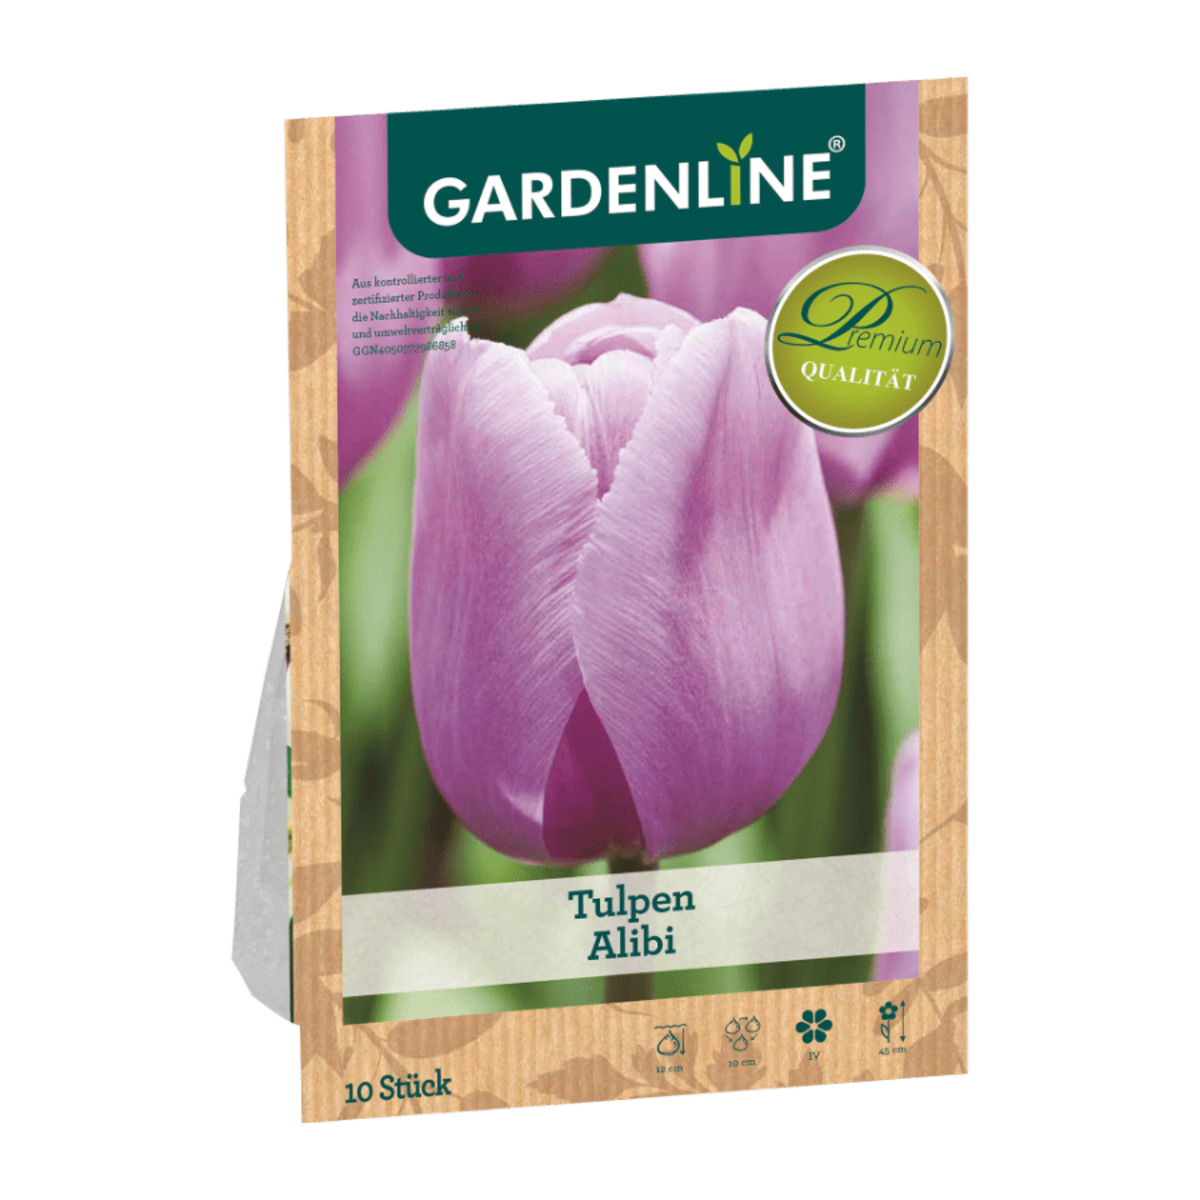 Bild 4 von GARDENLINE     Herbstblumenzwiebel-Spezialität